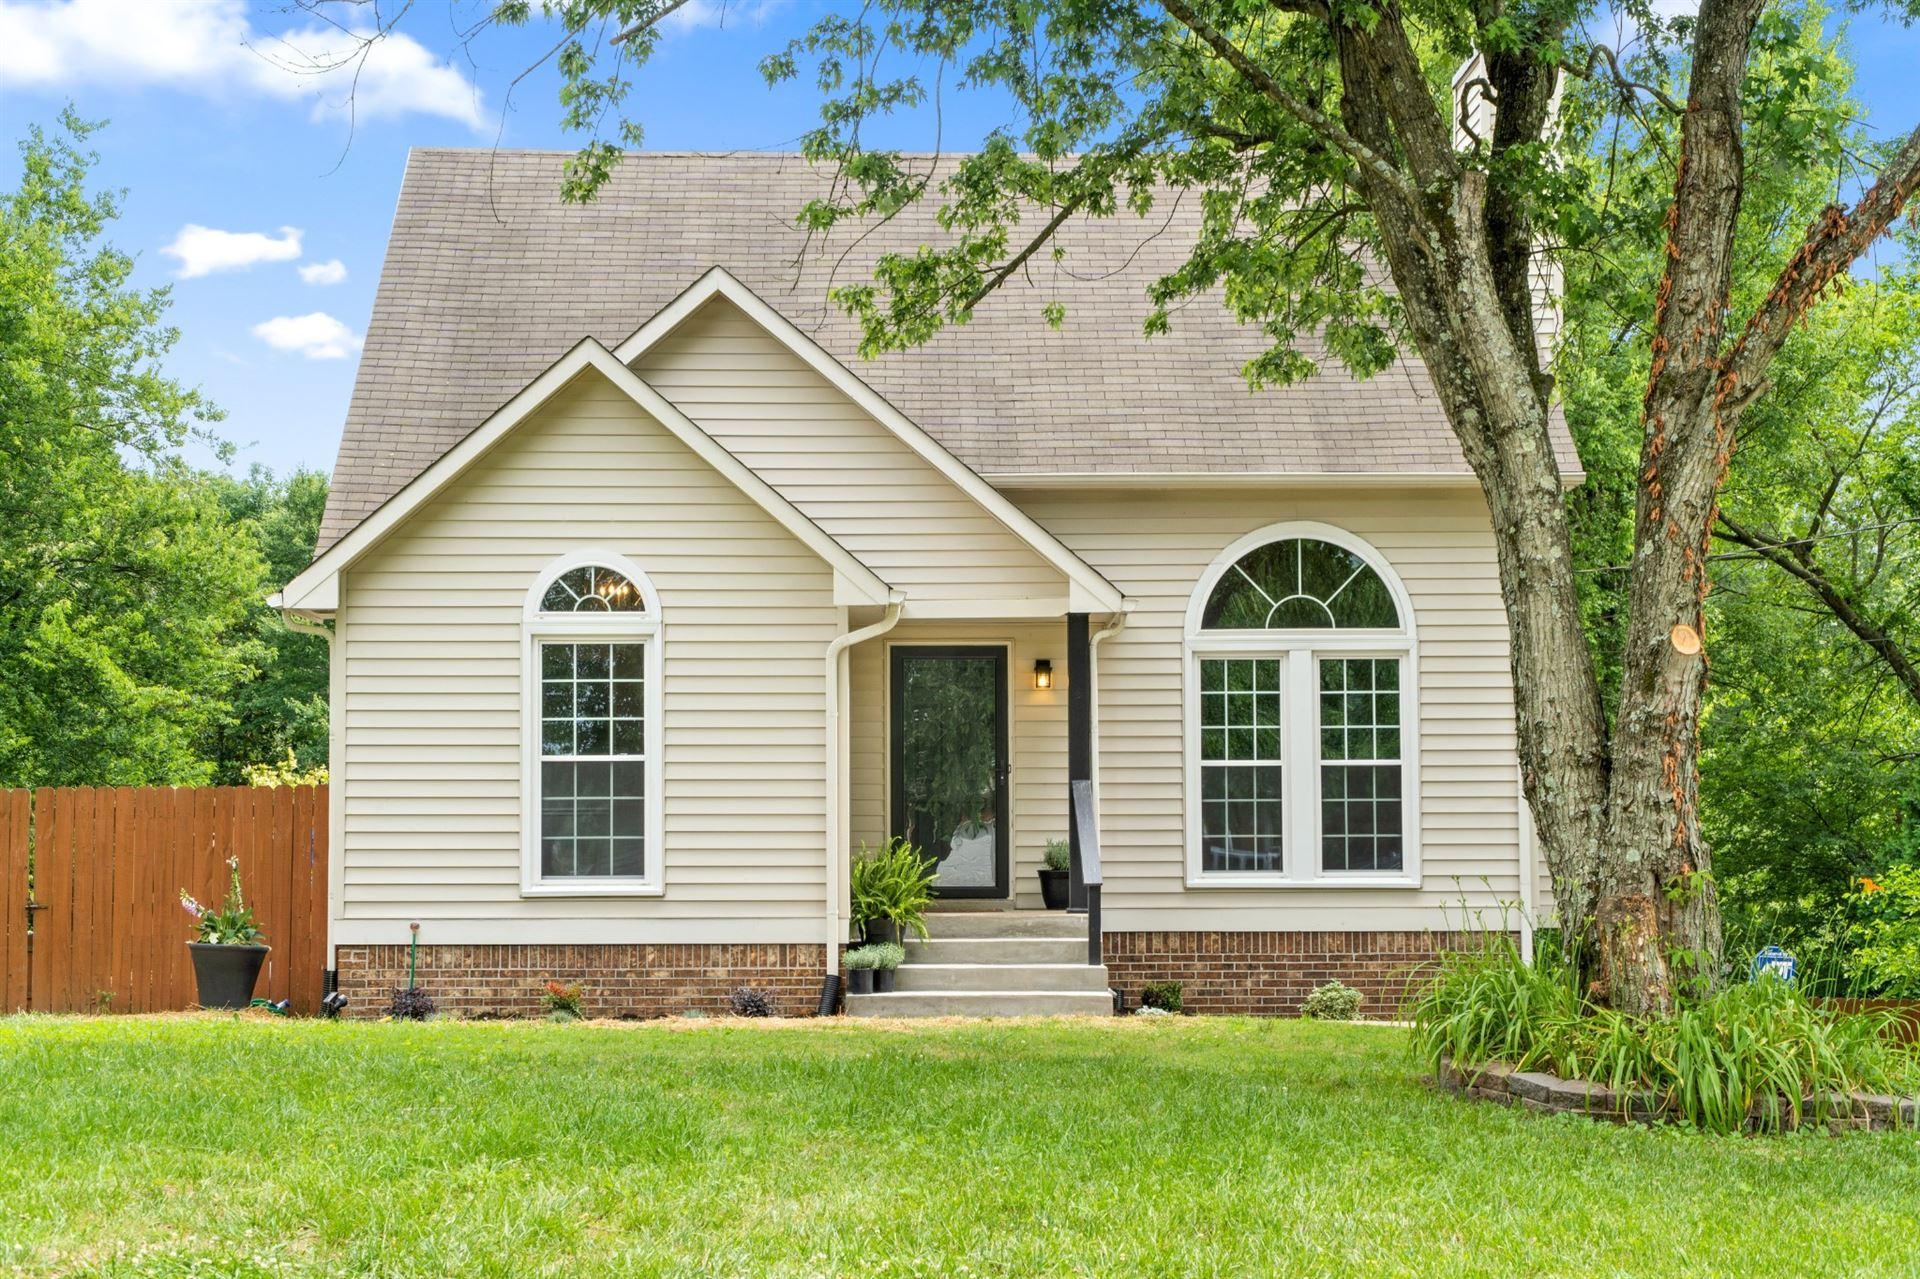 436 Bluff Dr, Clarksville, TN 37043 - MLS#: 2179572